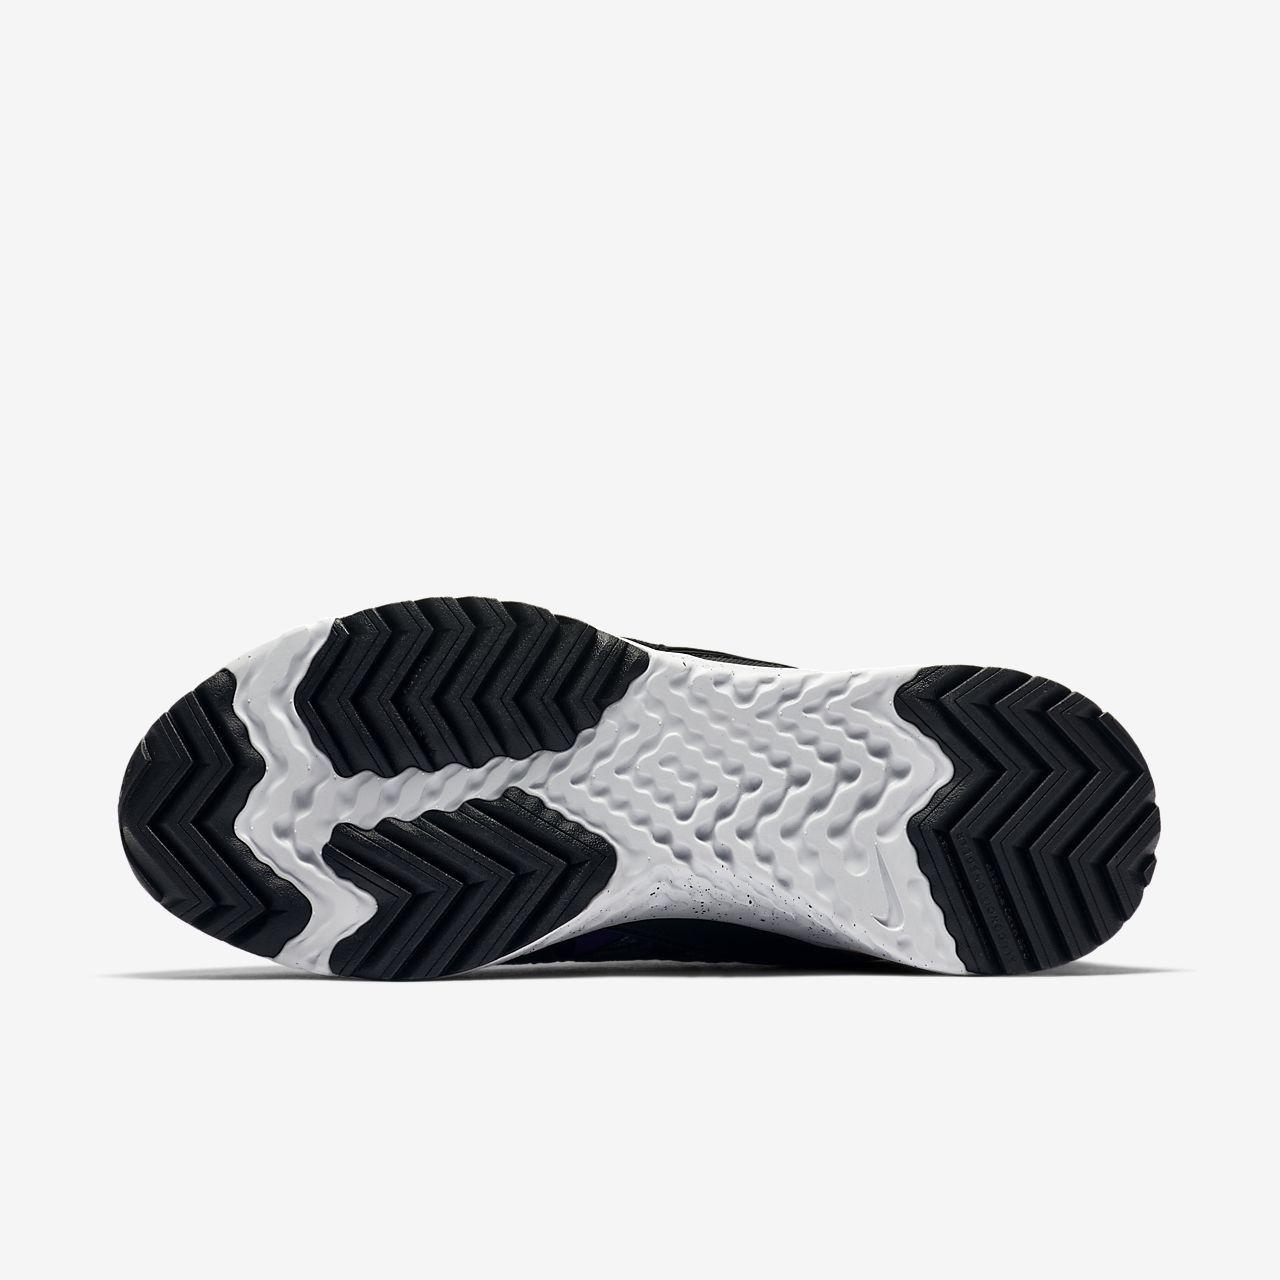 Scarpa Nike ACG React Terra Gobe Uomo